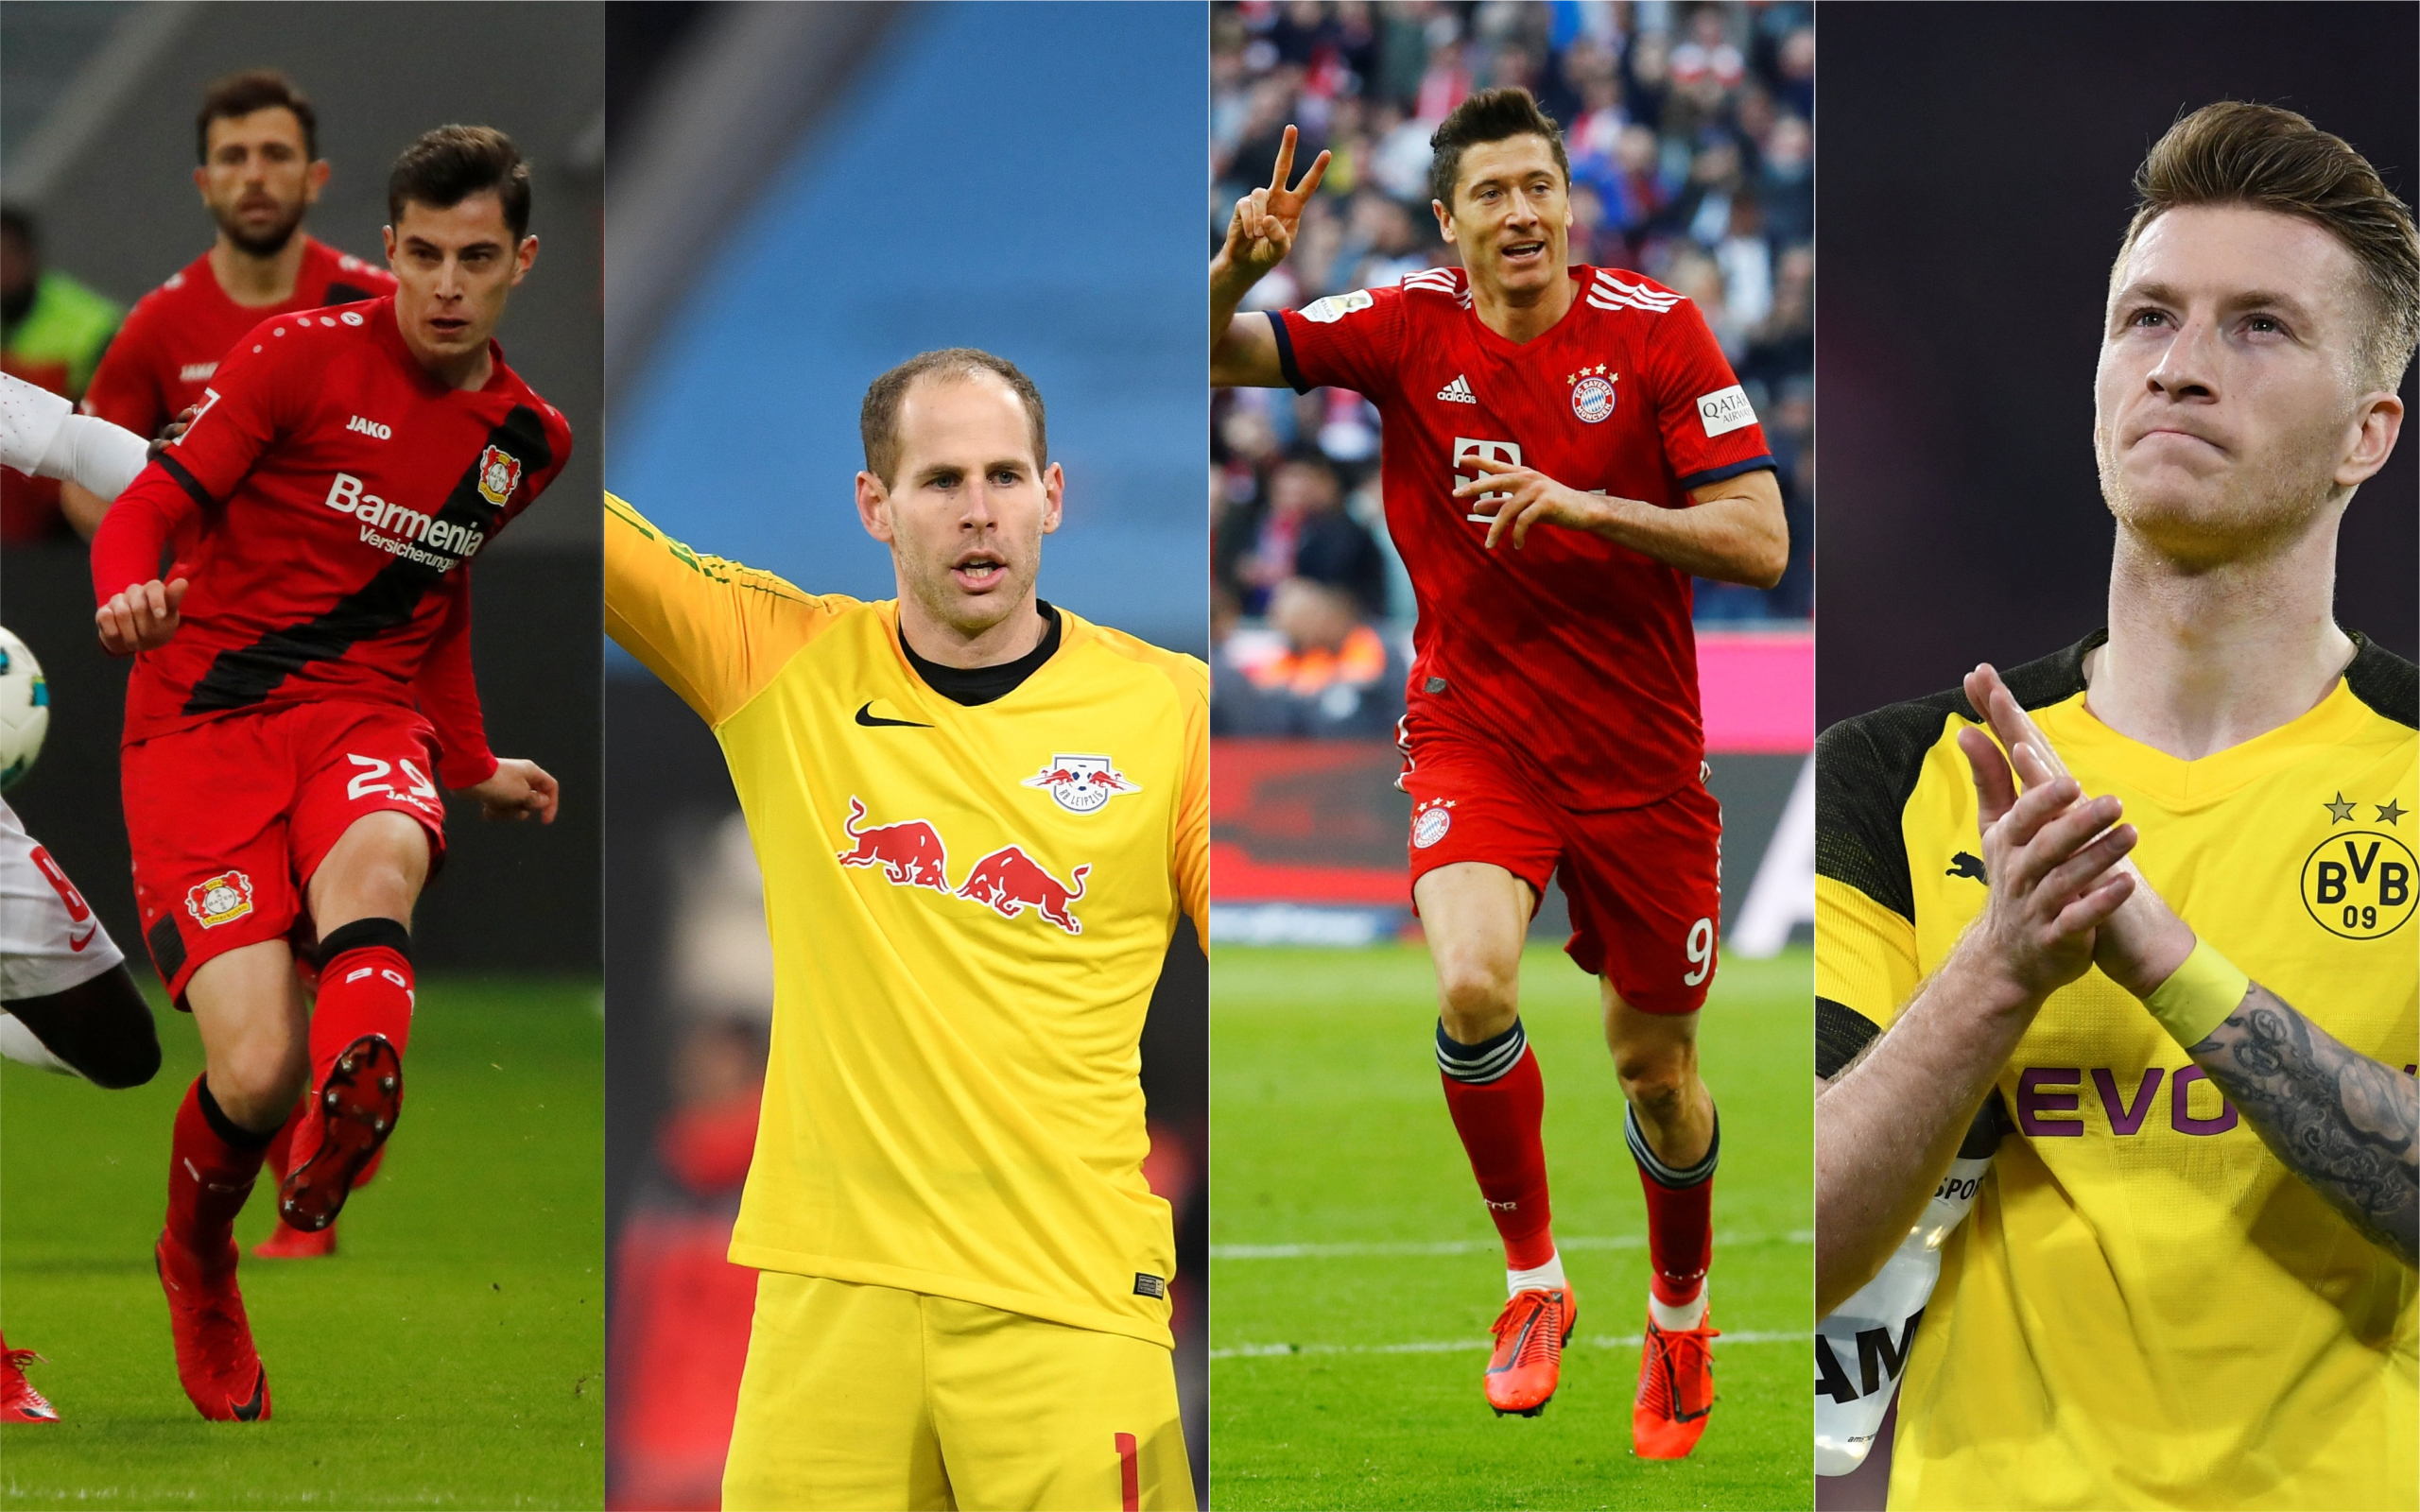 Estos son los 10 mejores jugadores de la temporada 2018-19 de la Bundesliga de Alemania